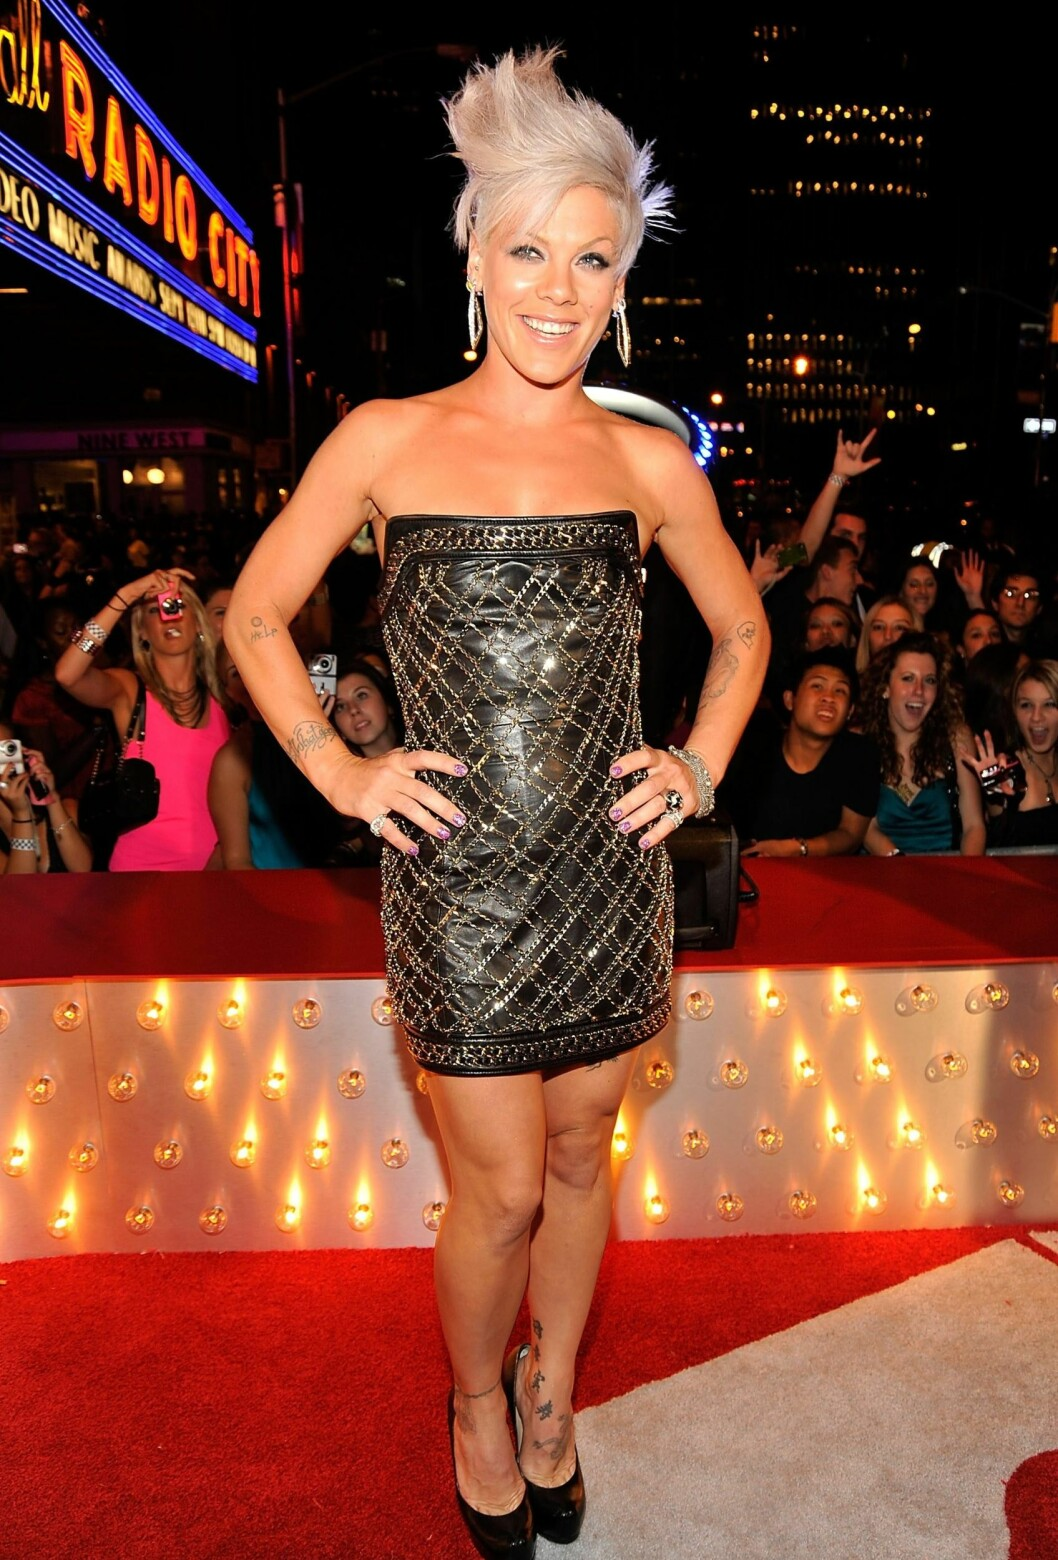 Pink i en minikjole fra Balmain på 2009 MTV Video Music Awards. Shakira dukket opp på samme fest i samme kjole.  Foto: All Over Press